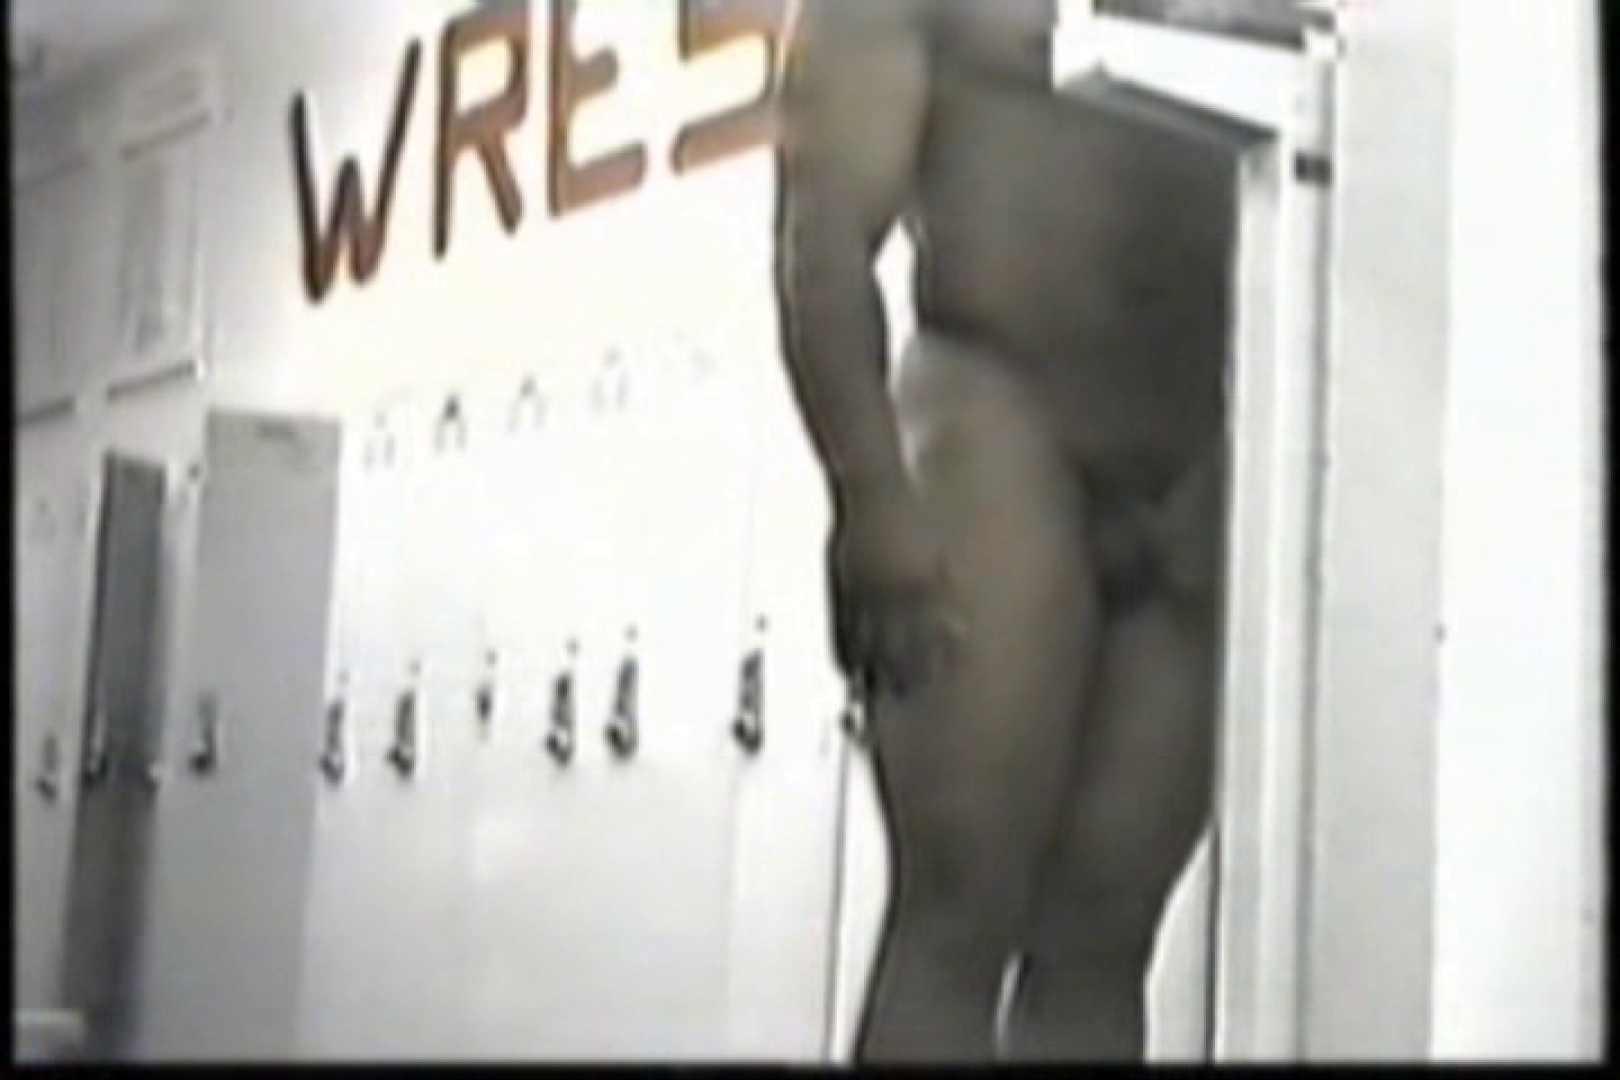 洋人さんの脱衣所を覗いてみました。VOL.7 完全無修正でお届け | ガチムチマッチョ系  95pic 40